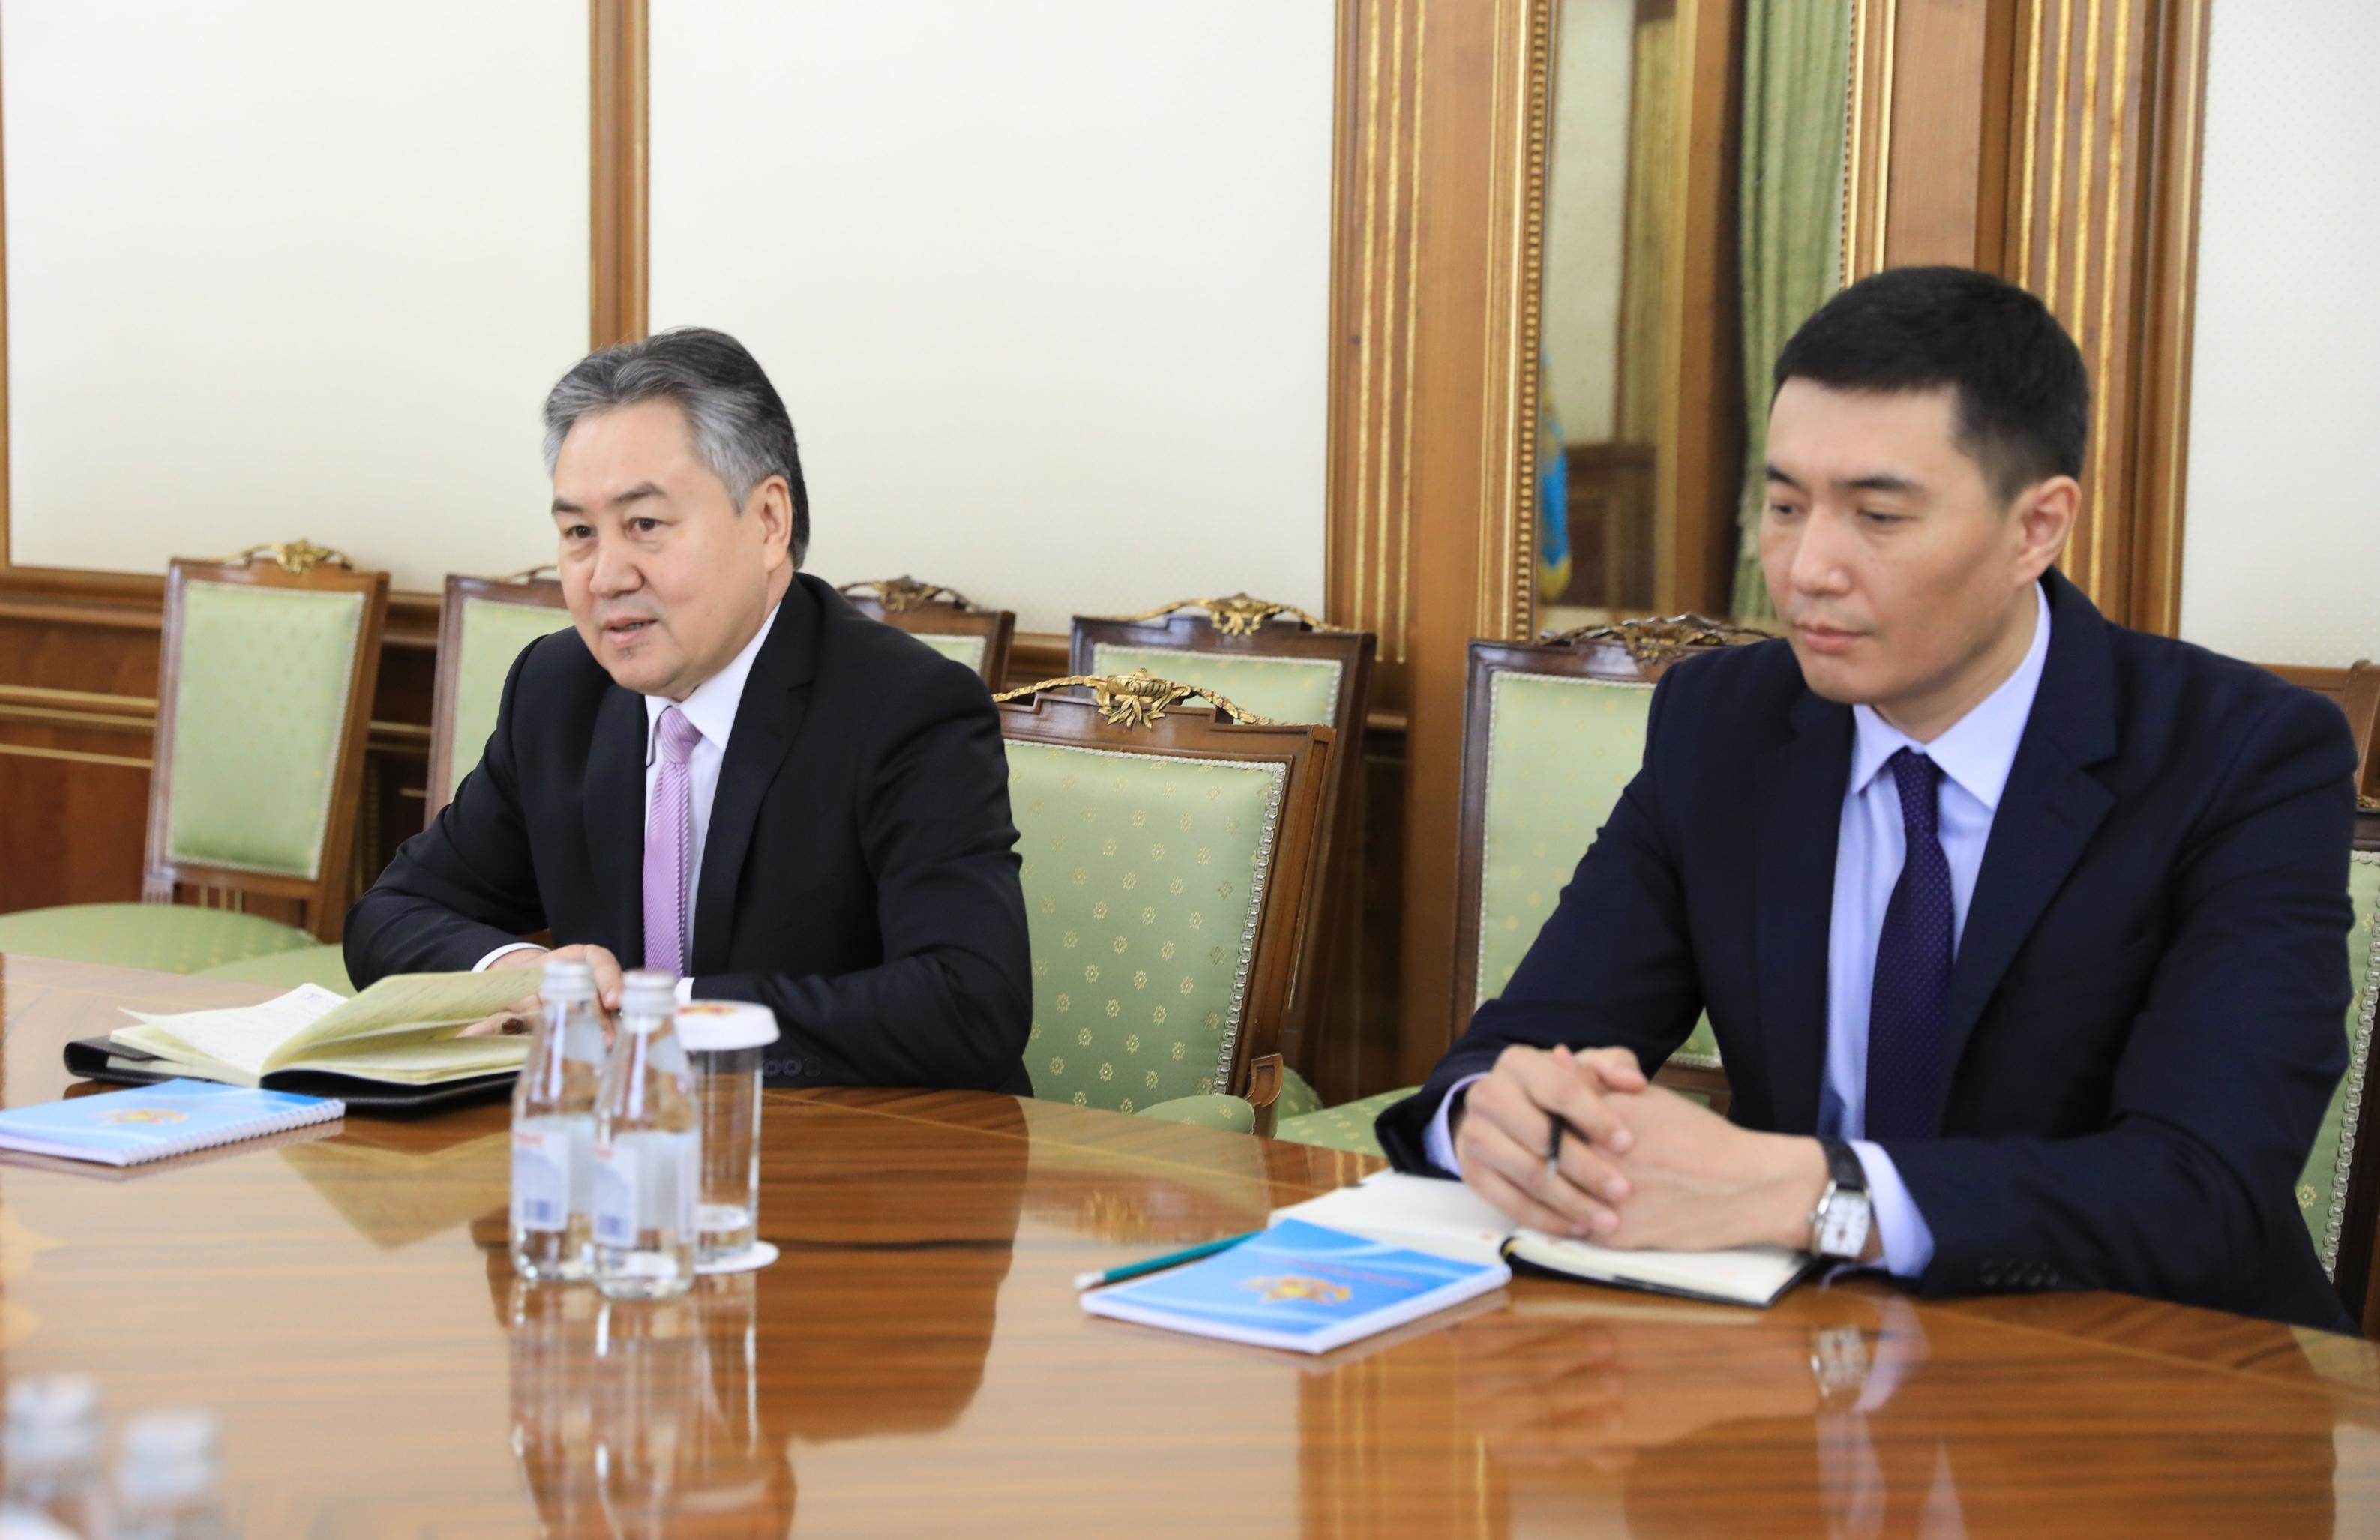 Казахстан и Кыргызстан обсудили вопросы взаимодействия в сфере обороны